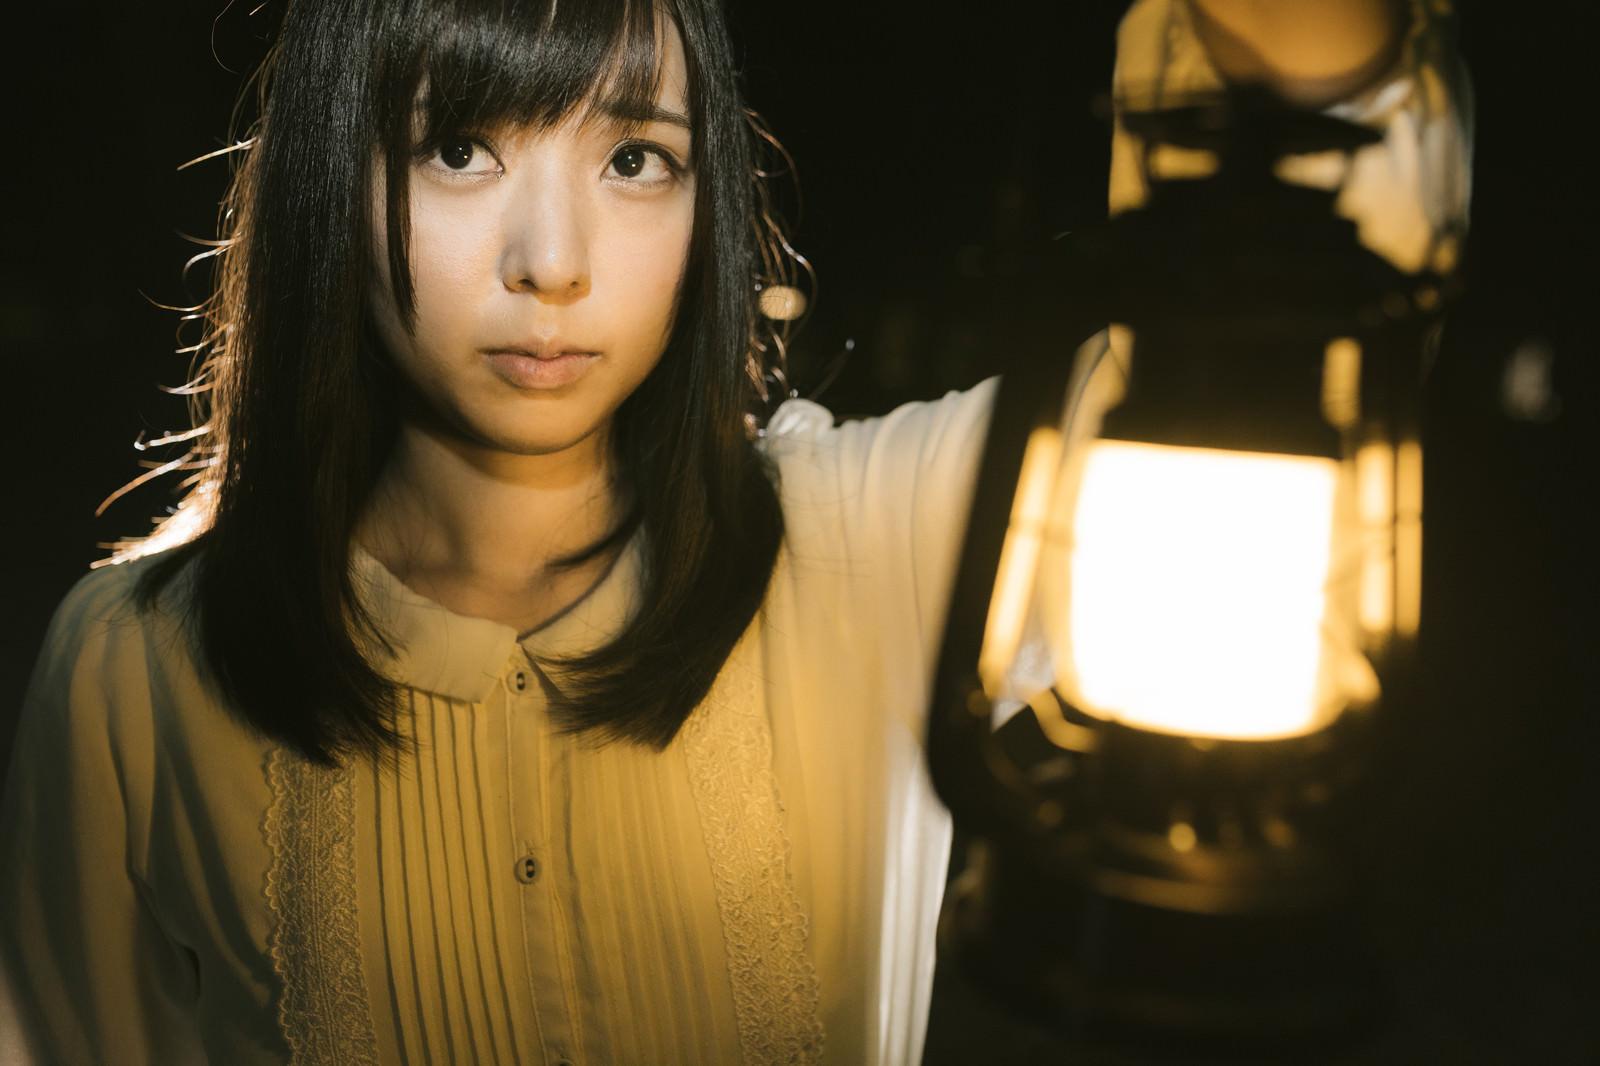 ランタンを使って辺りを照らす女性|ぱくたそフリー写真素材